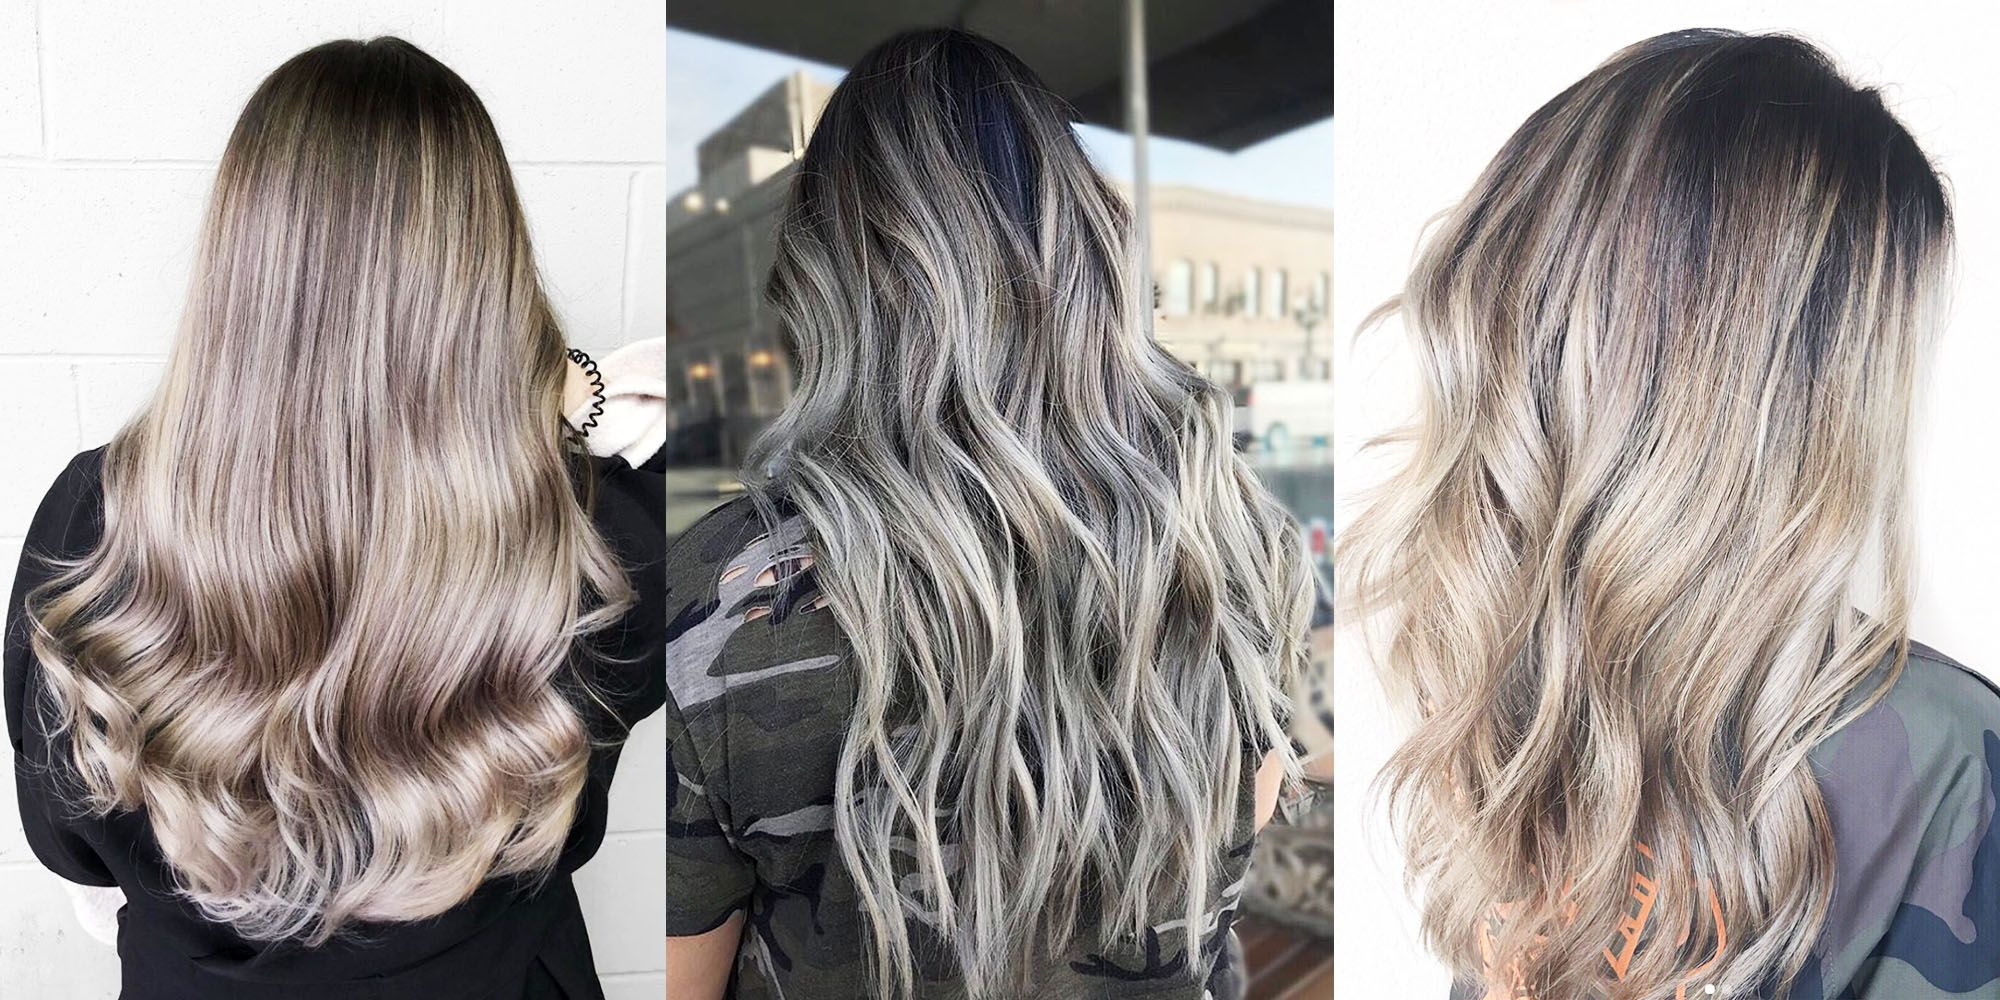 ash brown hair color ideas 2018